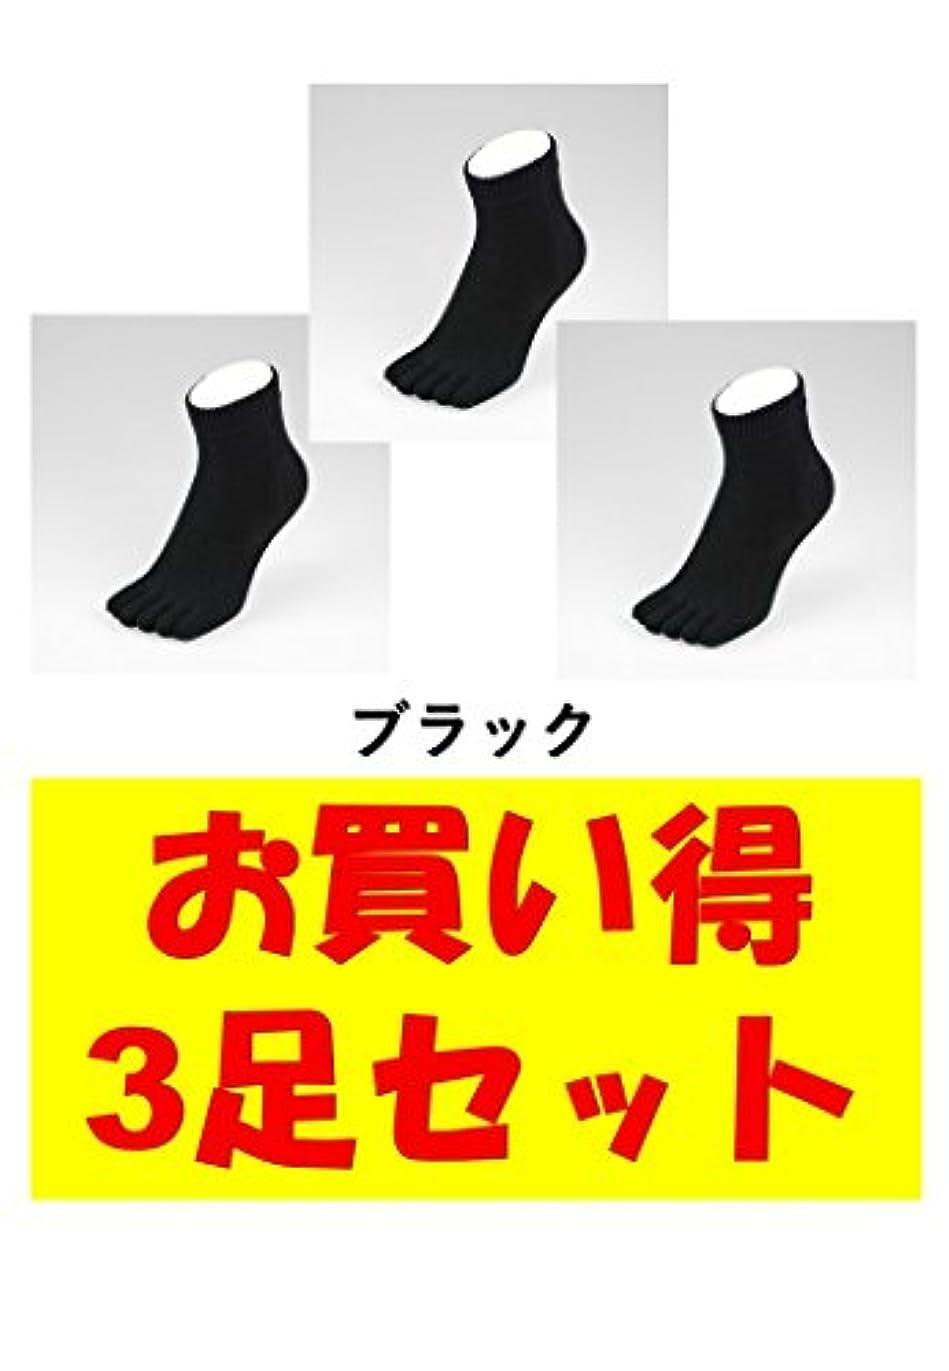 お買い得3足セット 5本指 ゆびのばソックス Neo EVE(イヴ) ブラック iサイズ(23.5cm - 25.5cm) YSNEVE-BLK